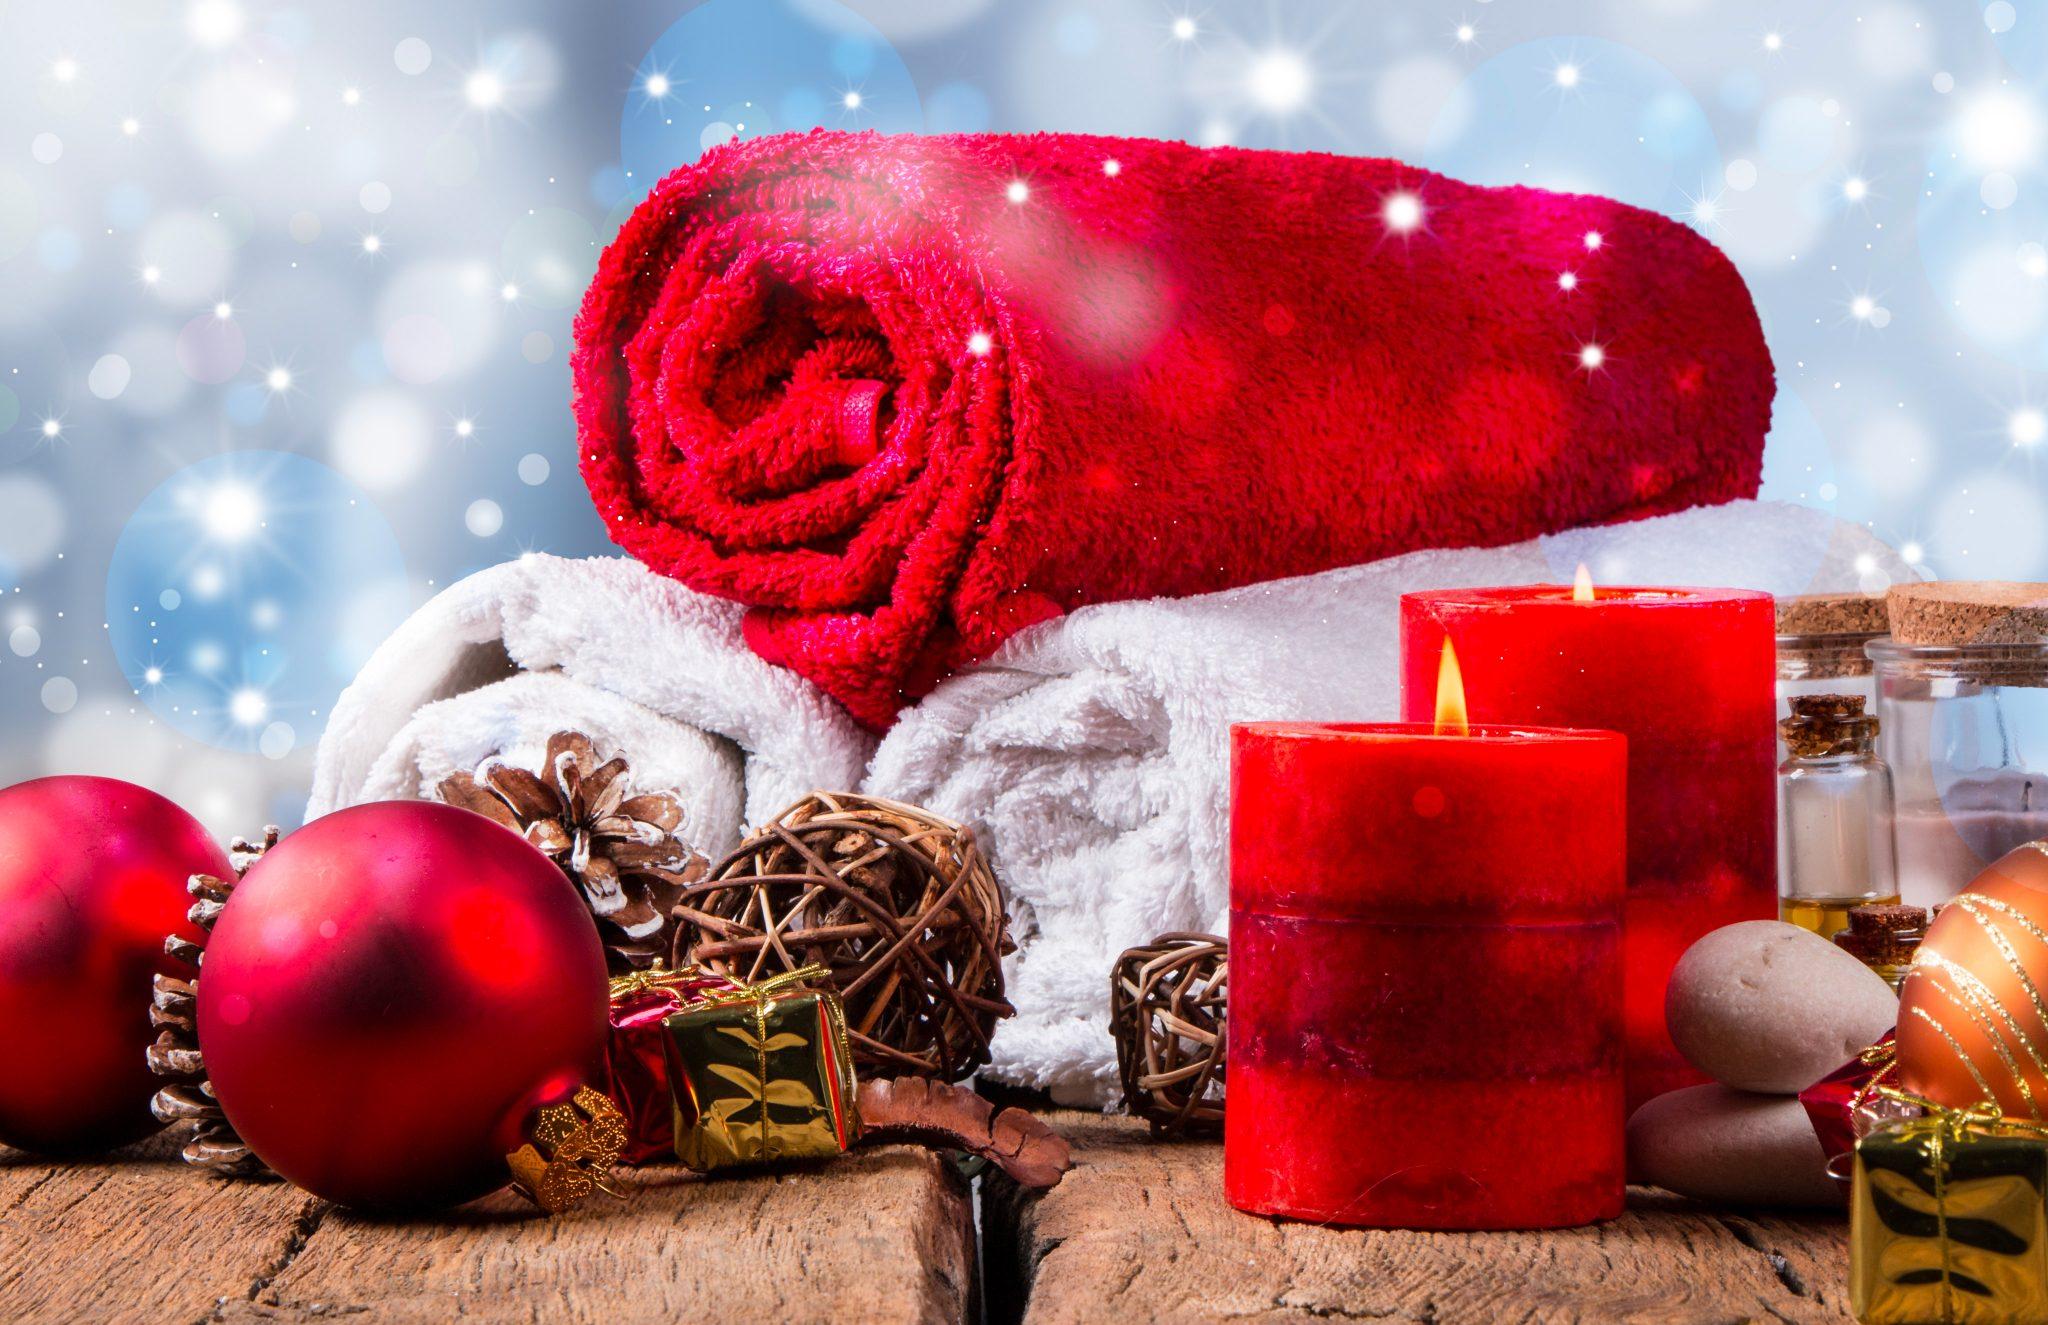 Natale 2016 idee regalo in stile spa ideagroup blog for Regali di natali